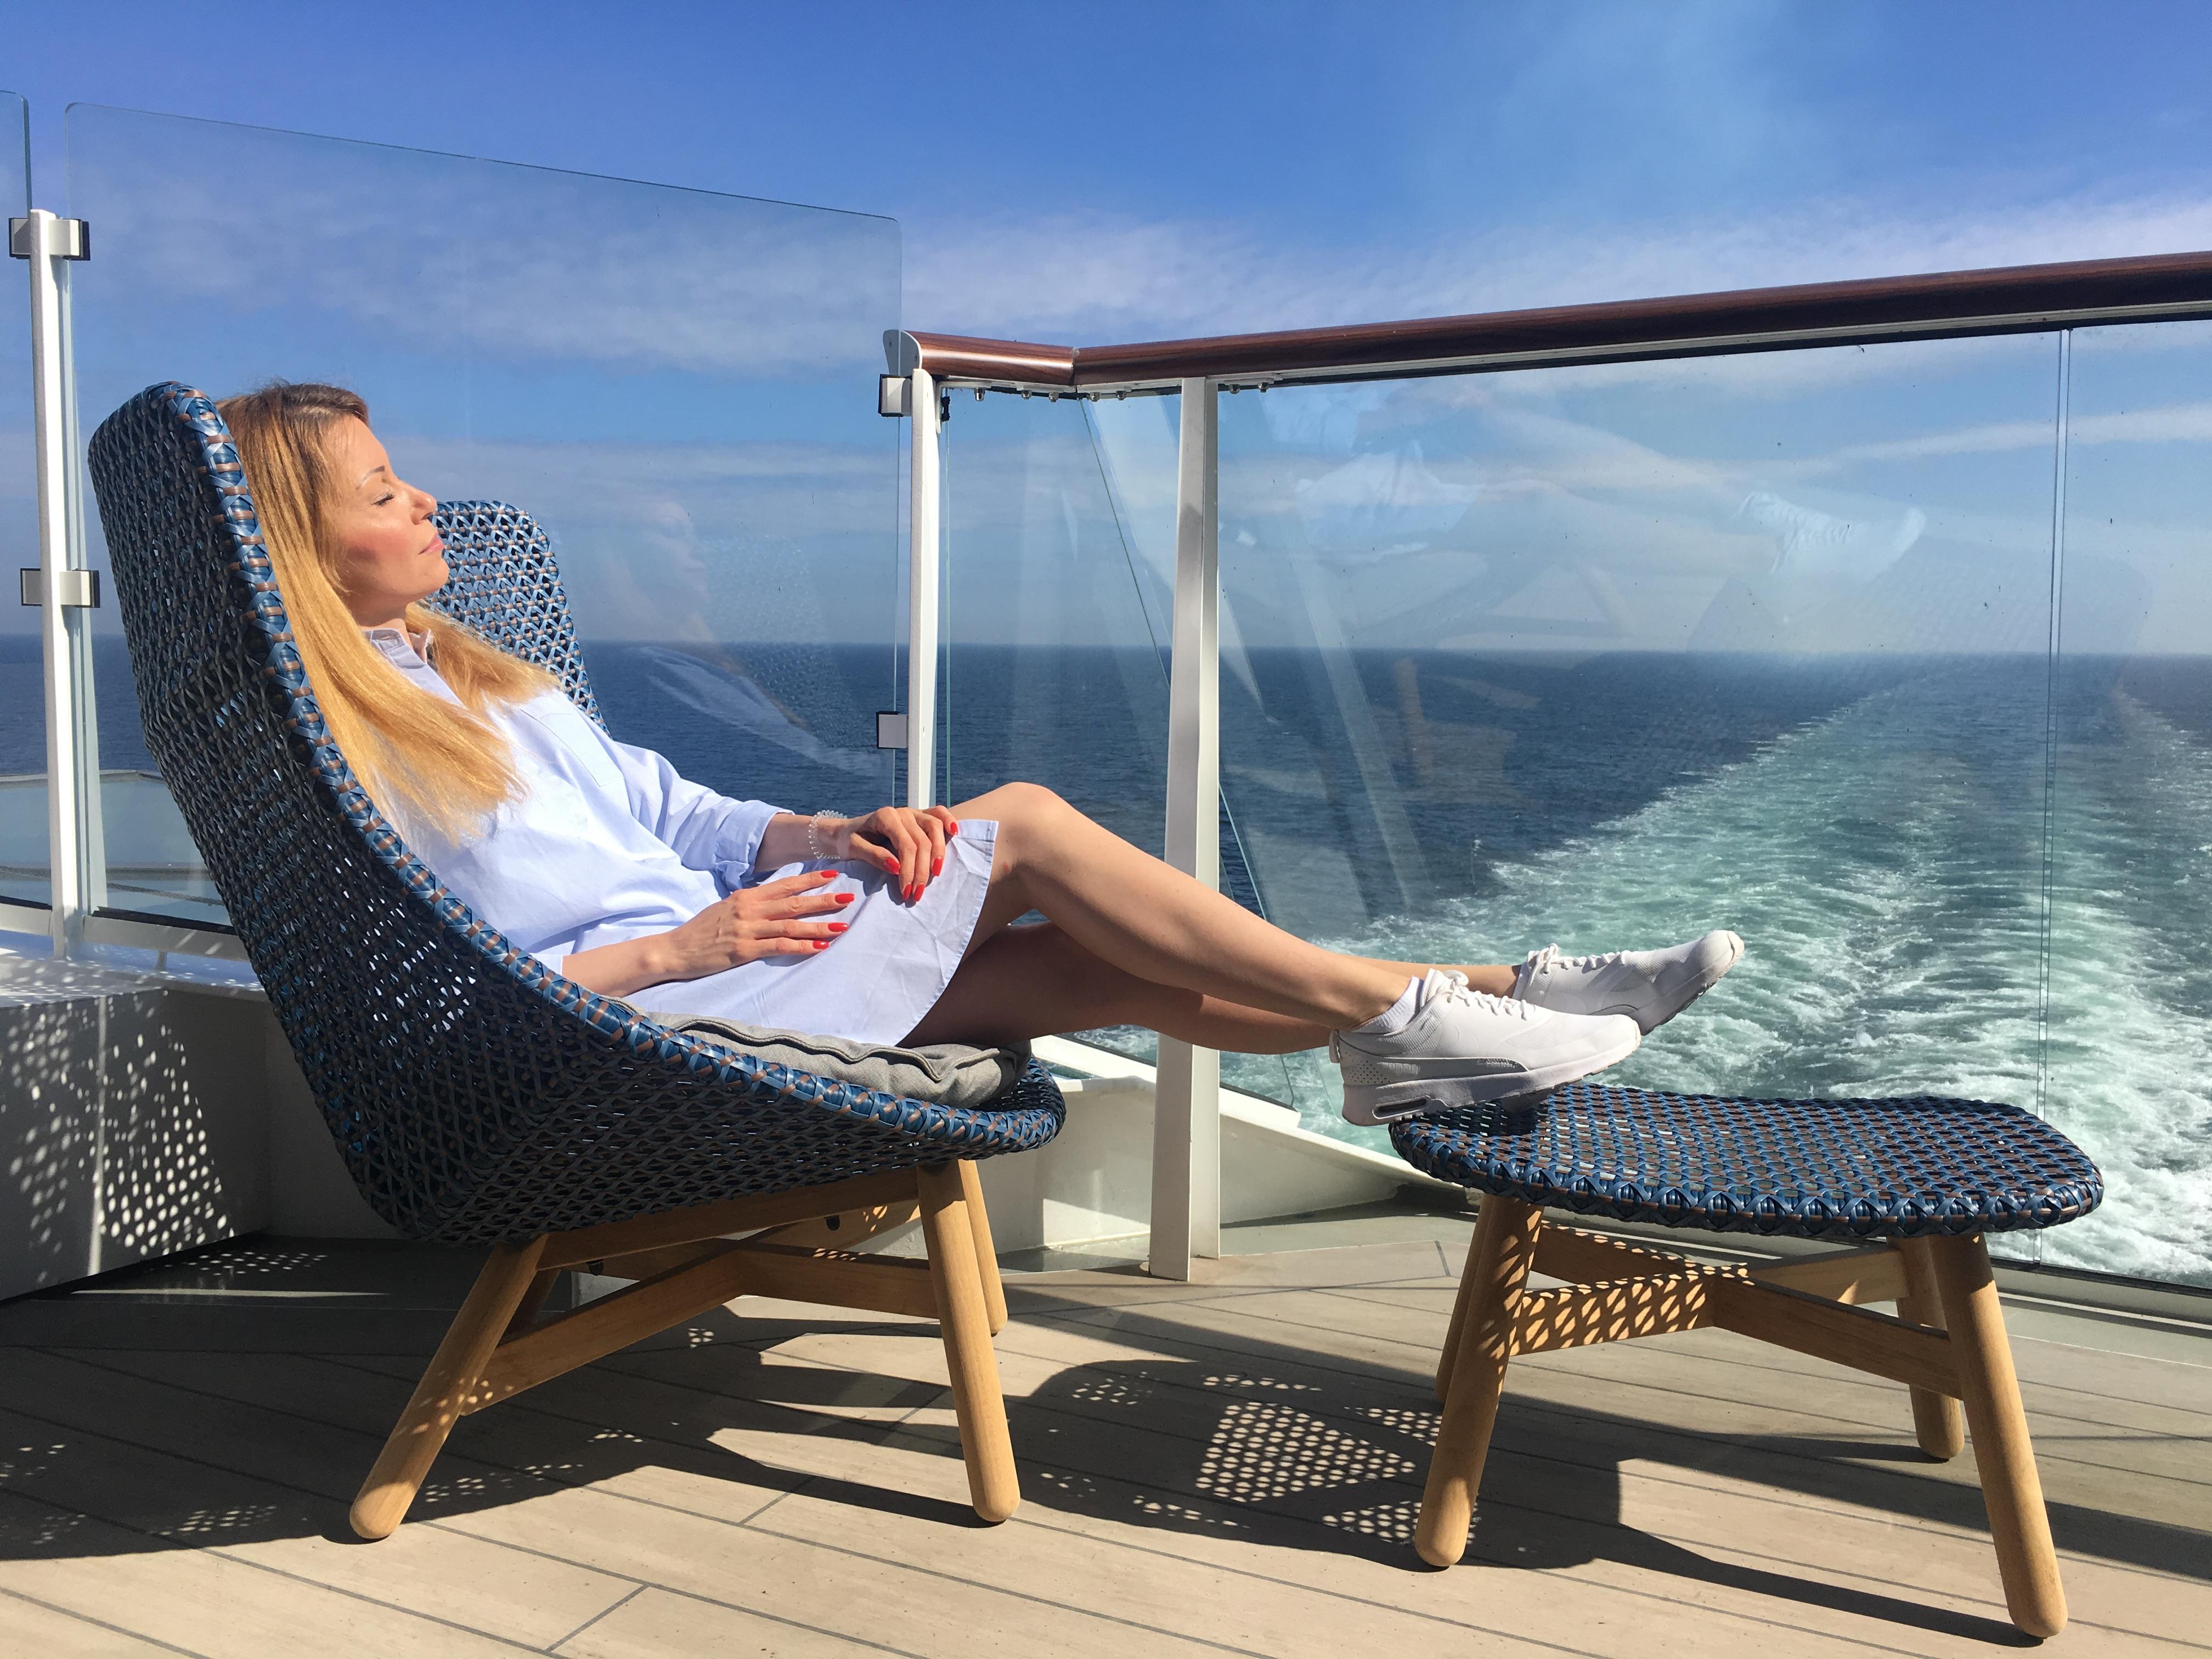 Unterwegs auf der neuen MEIN SCHIFF 1   Meine Erfahrungen... uncategorized tui cruises reisebericht kreuzfahrt  Foto 05.05.18 11 21 59